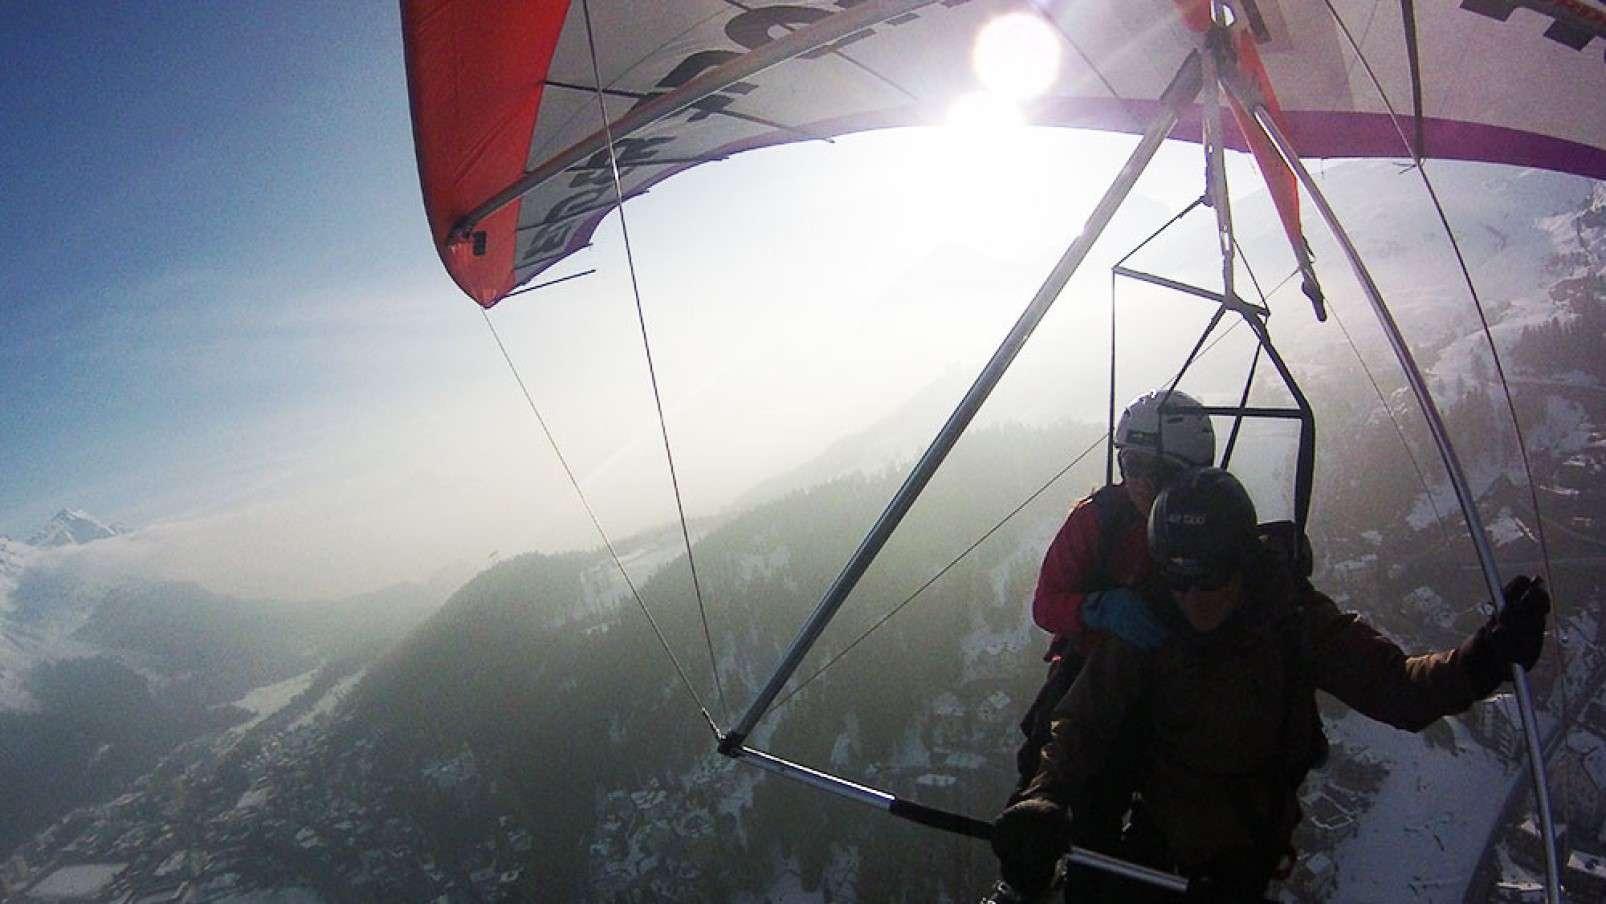 Deltaplano hangglider St Moritz tandem flight